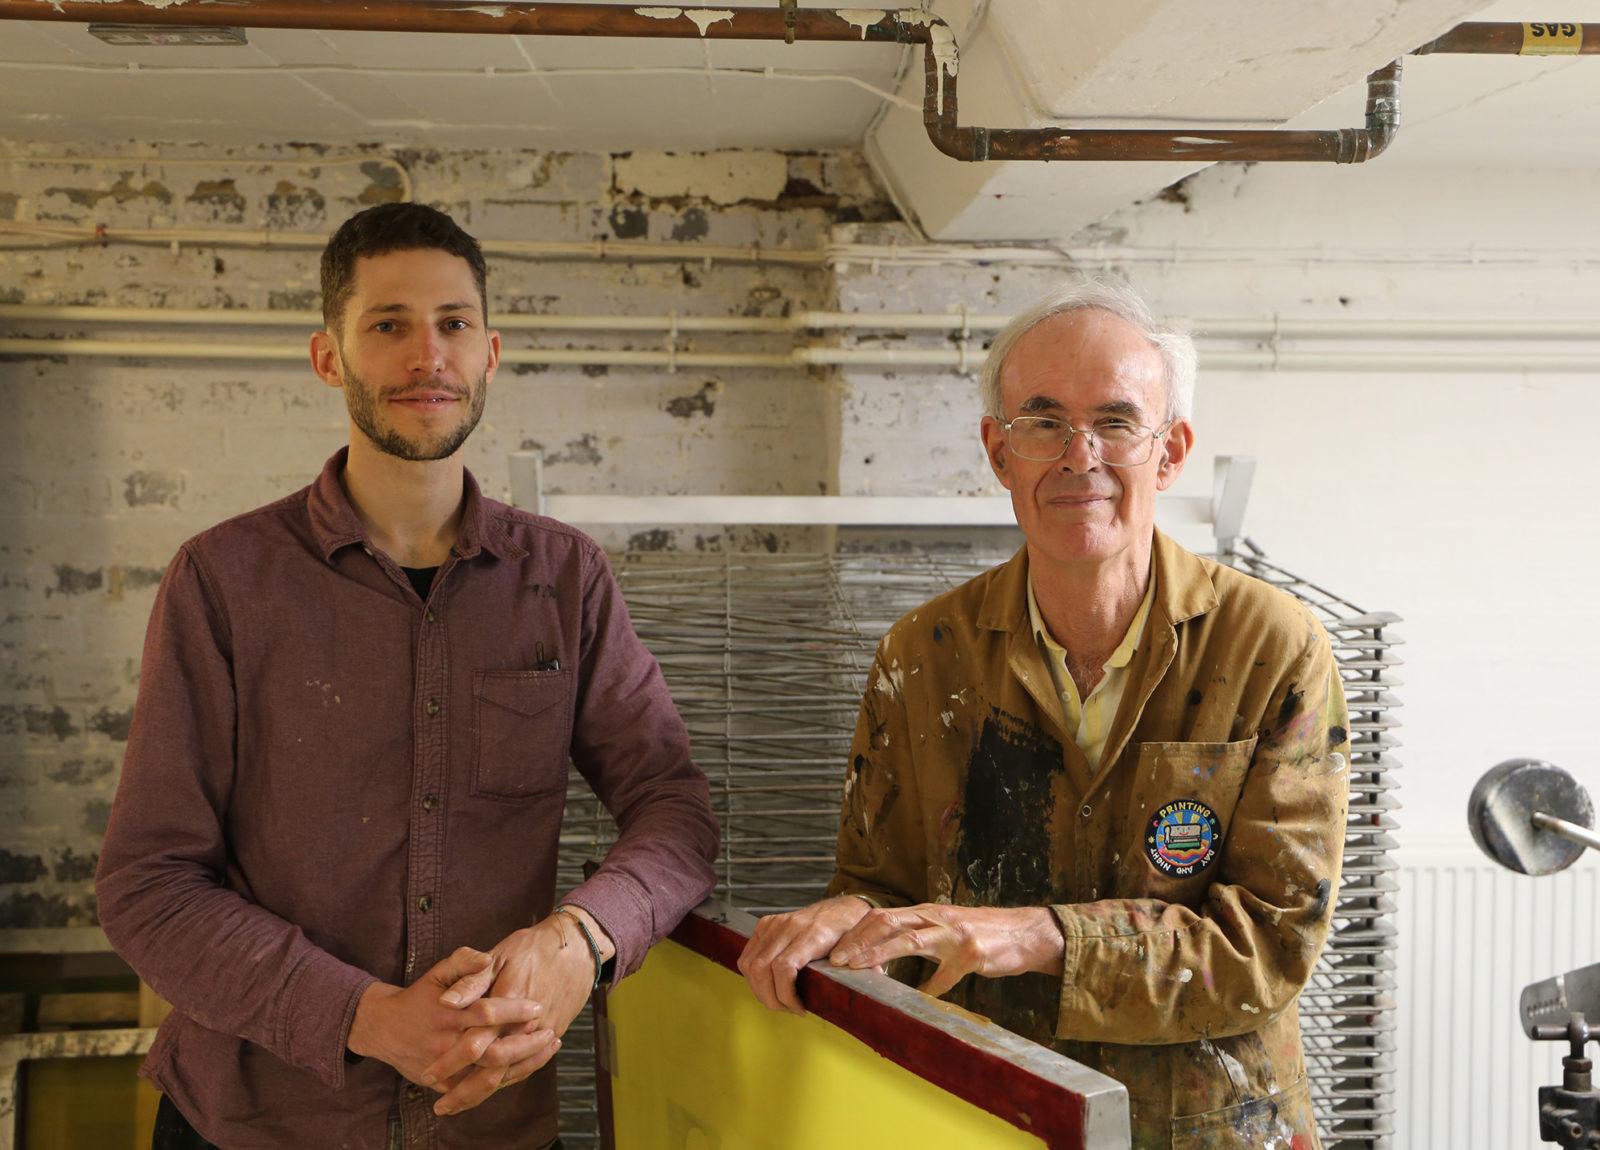 David Bassadone and Oliver Clarke